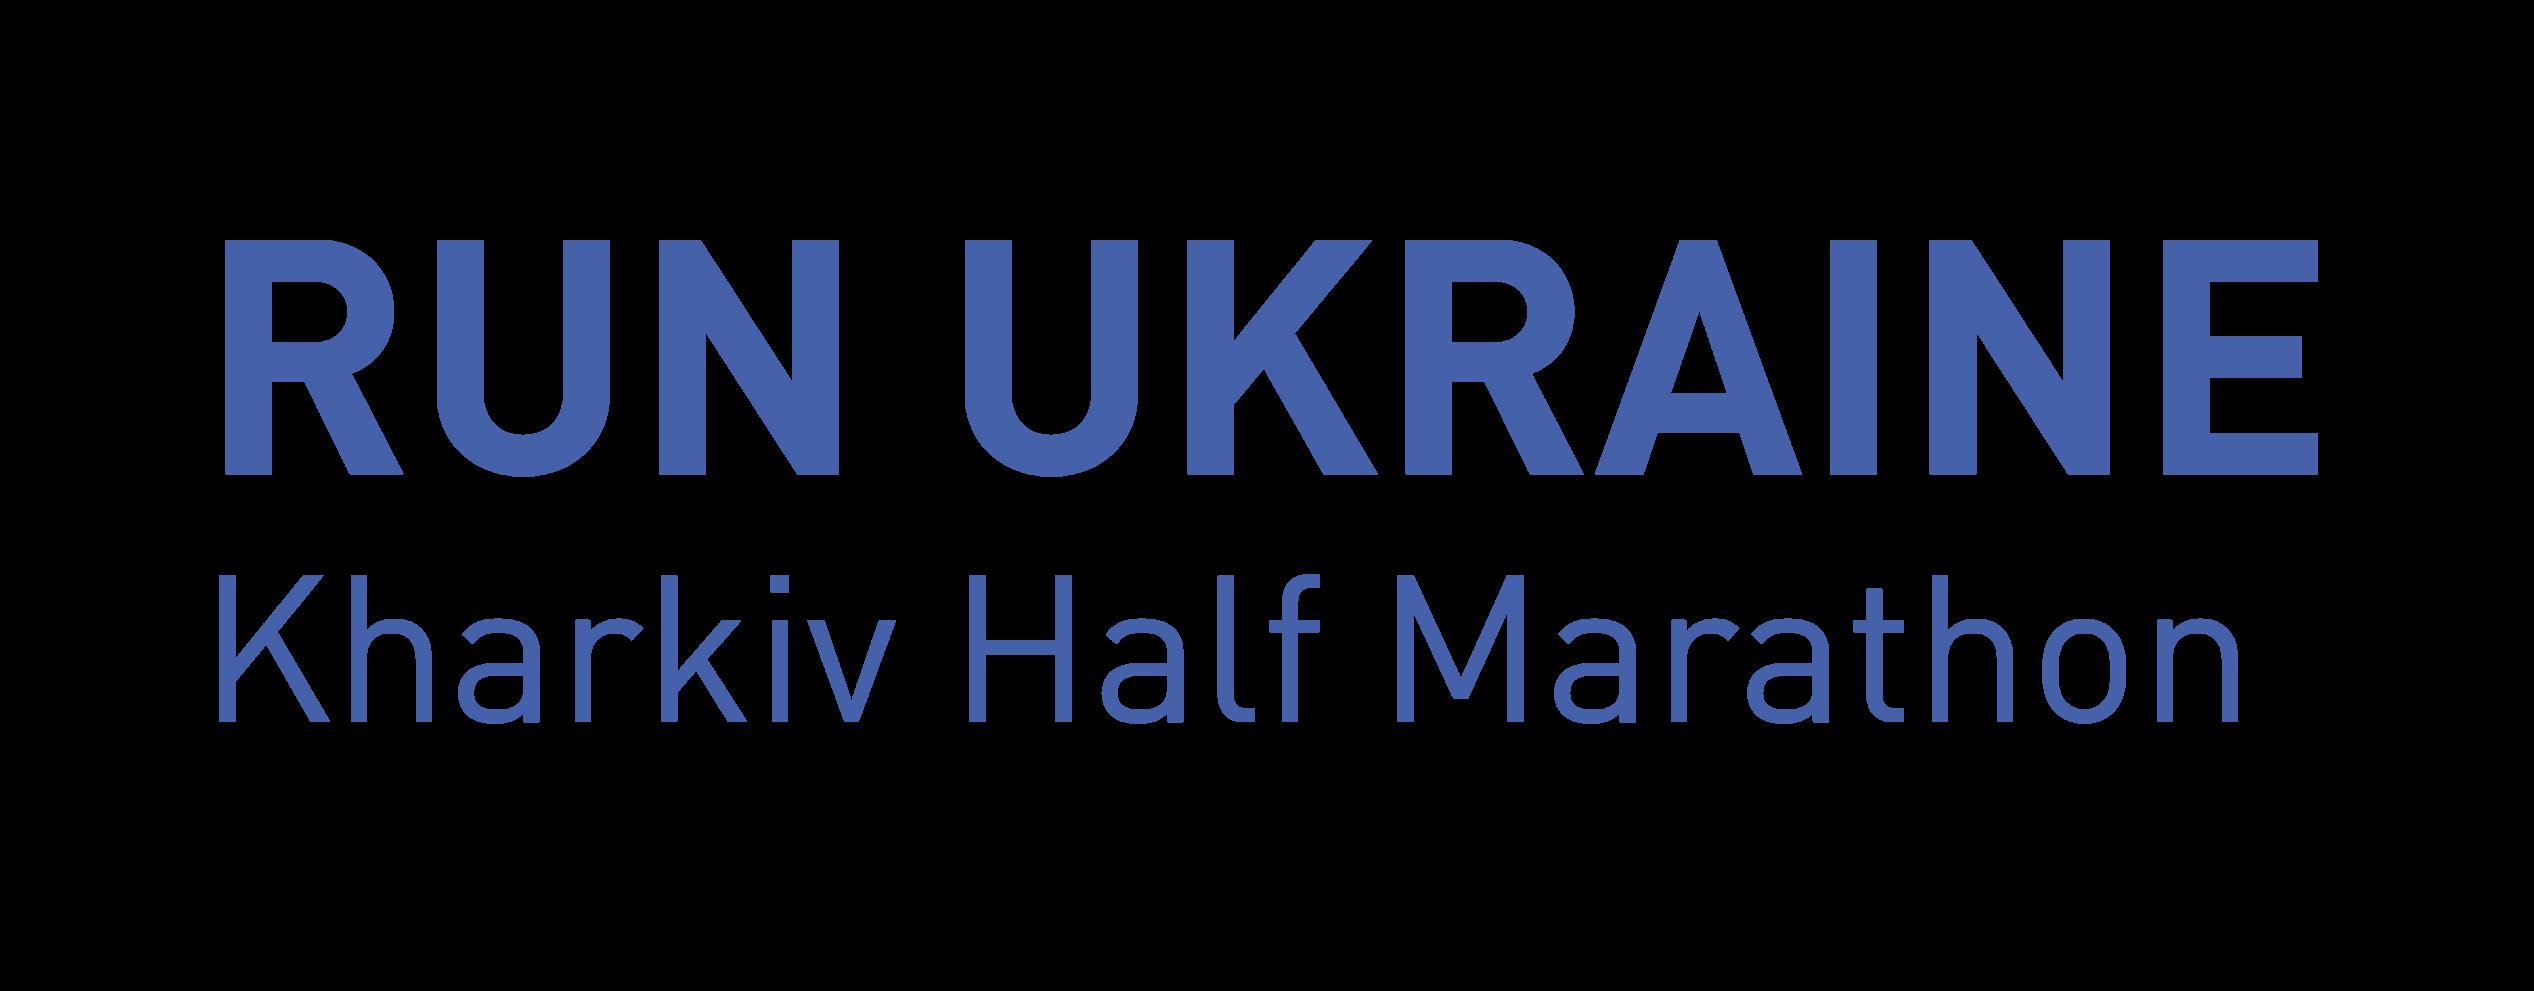 KHARKIV HALF MARATHON